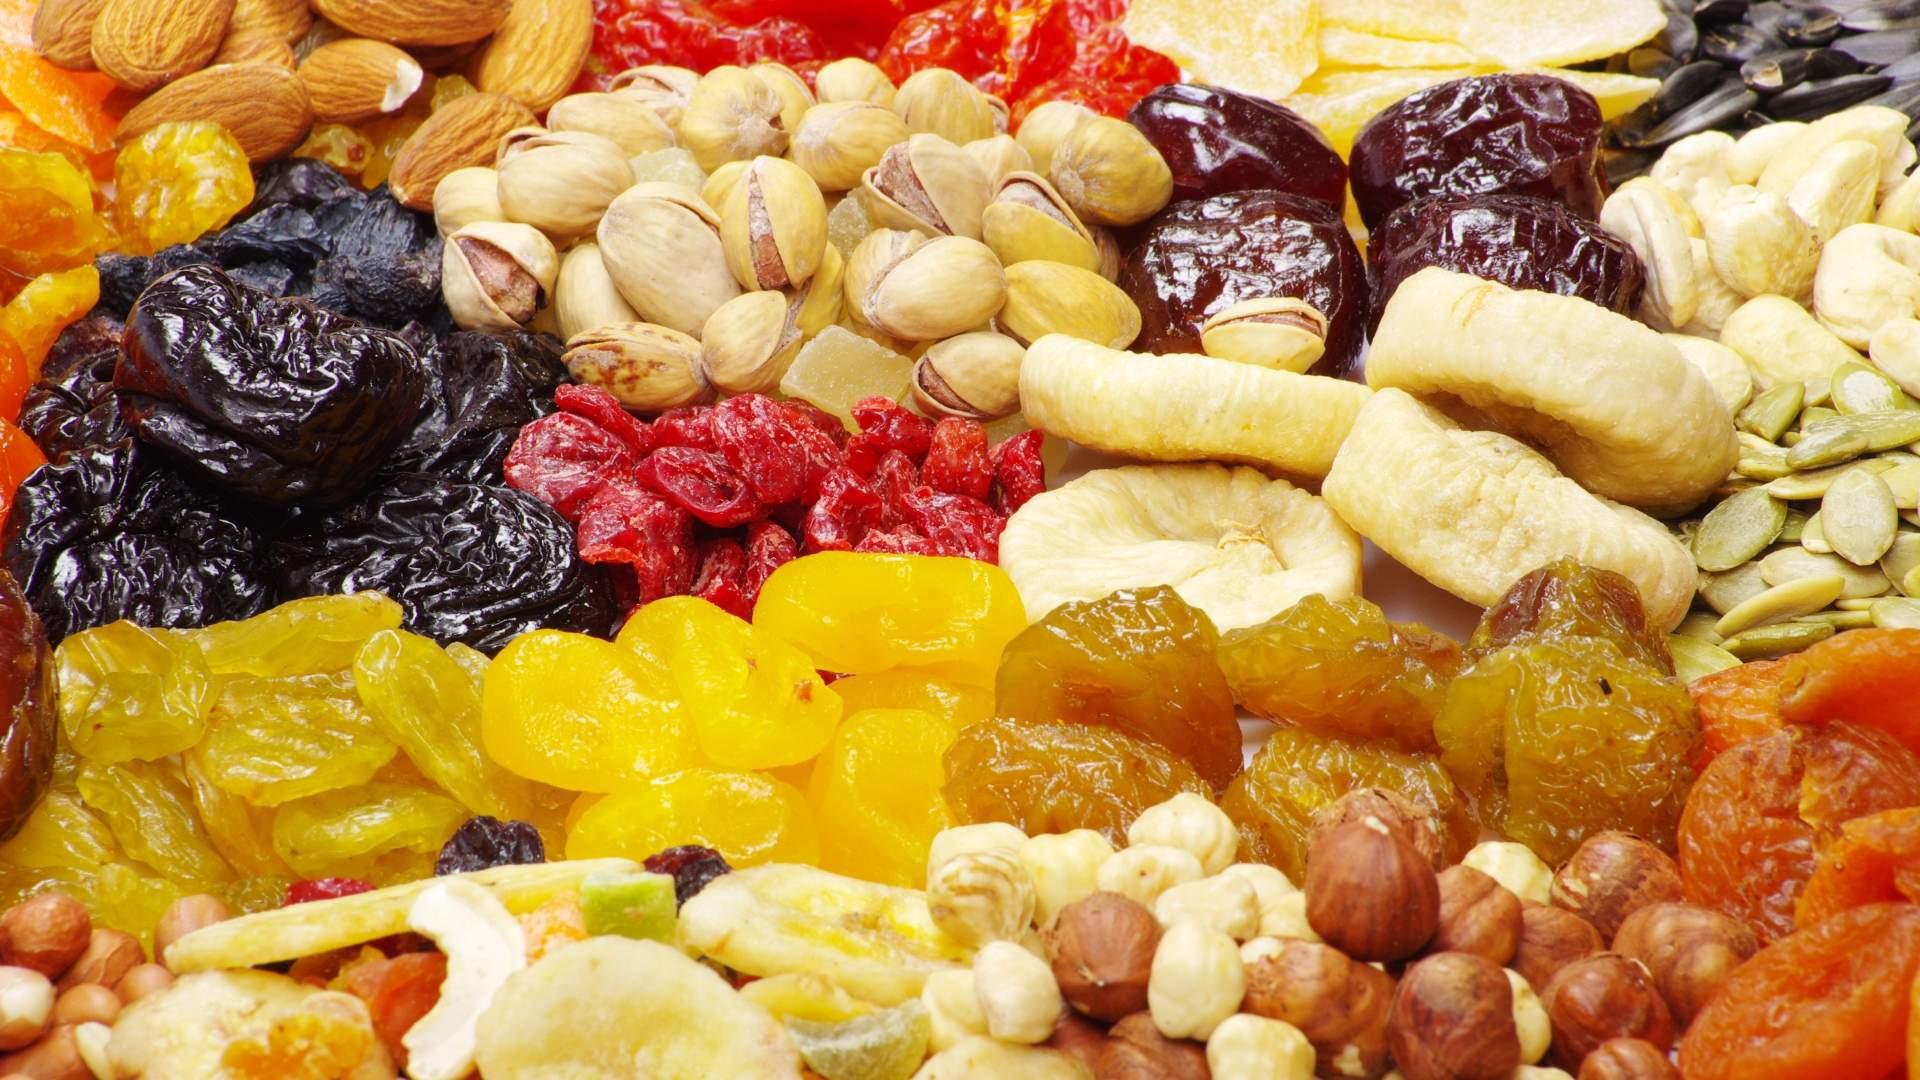 image14-84 | Псевдо-диетические продукты, из-за которых Вы не худеете